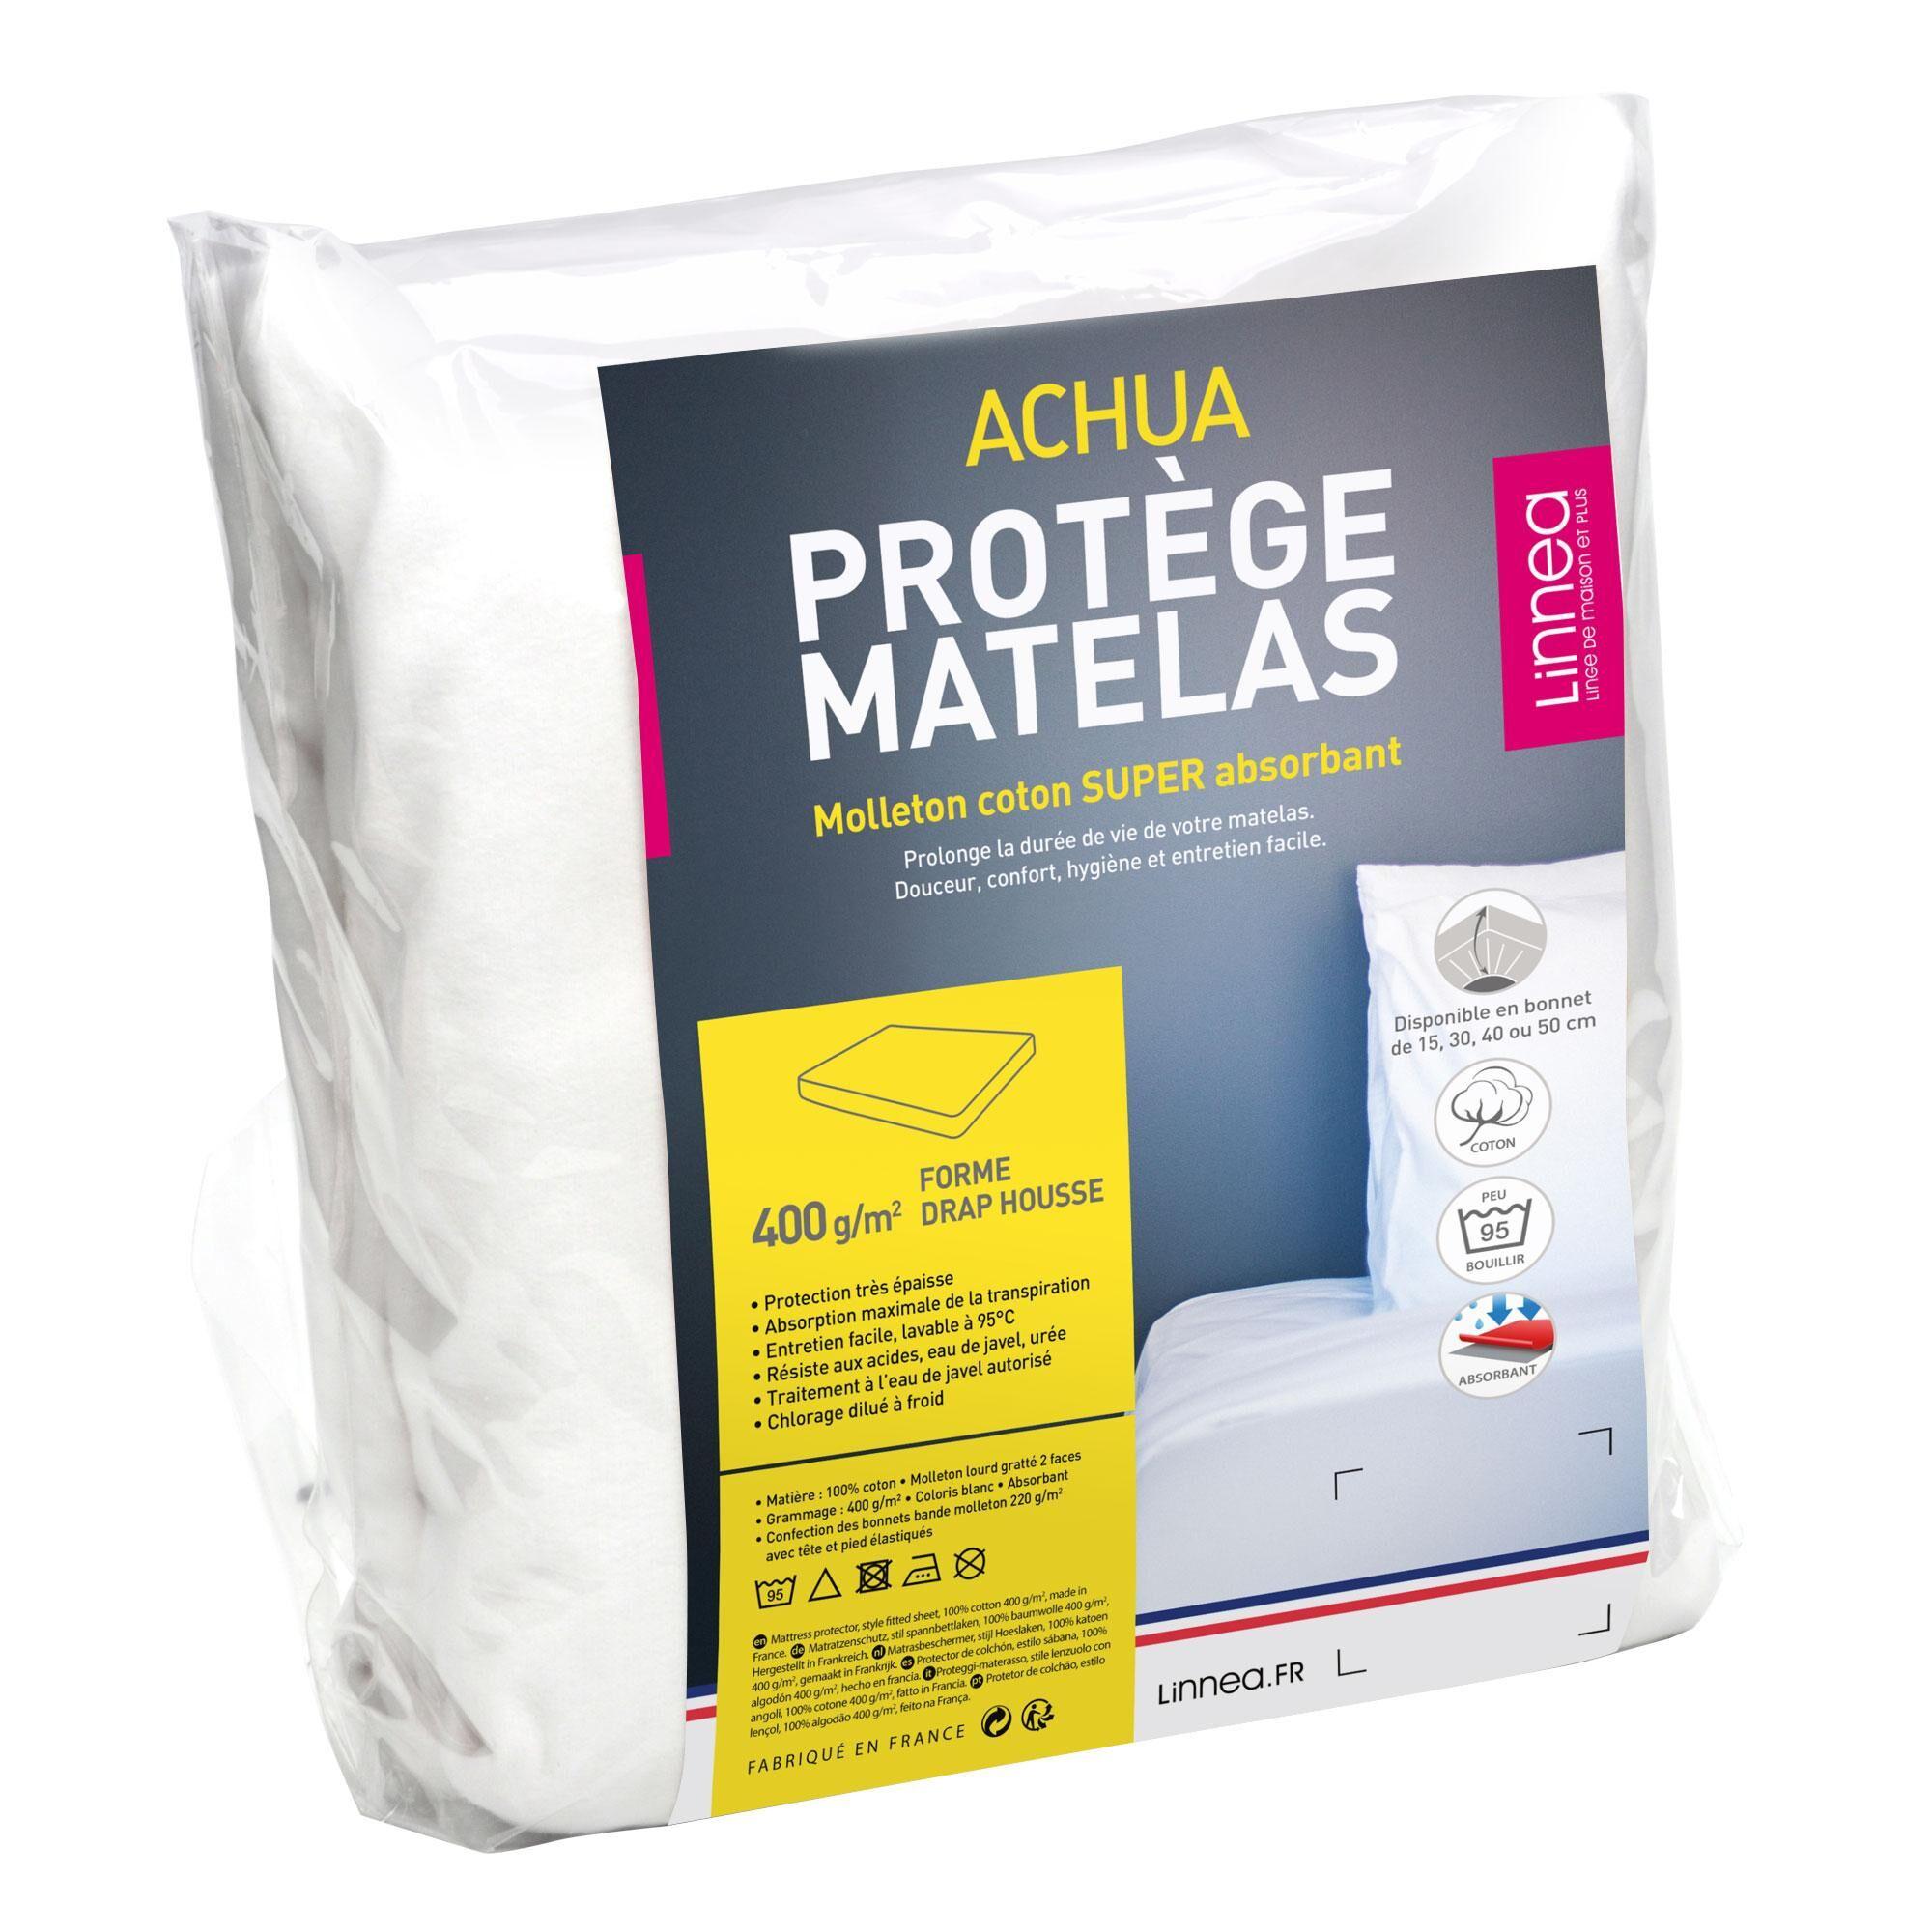 Linnea Protège matelas 80x190 cm ACHUA Molleton 100% coton 400 g/m2 bonnet 30cm